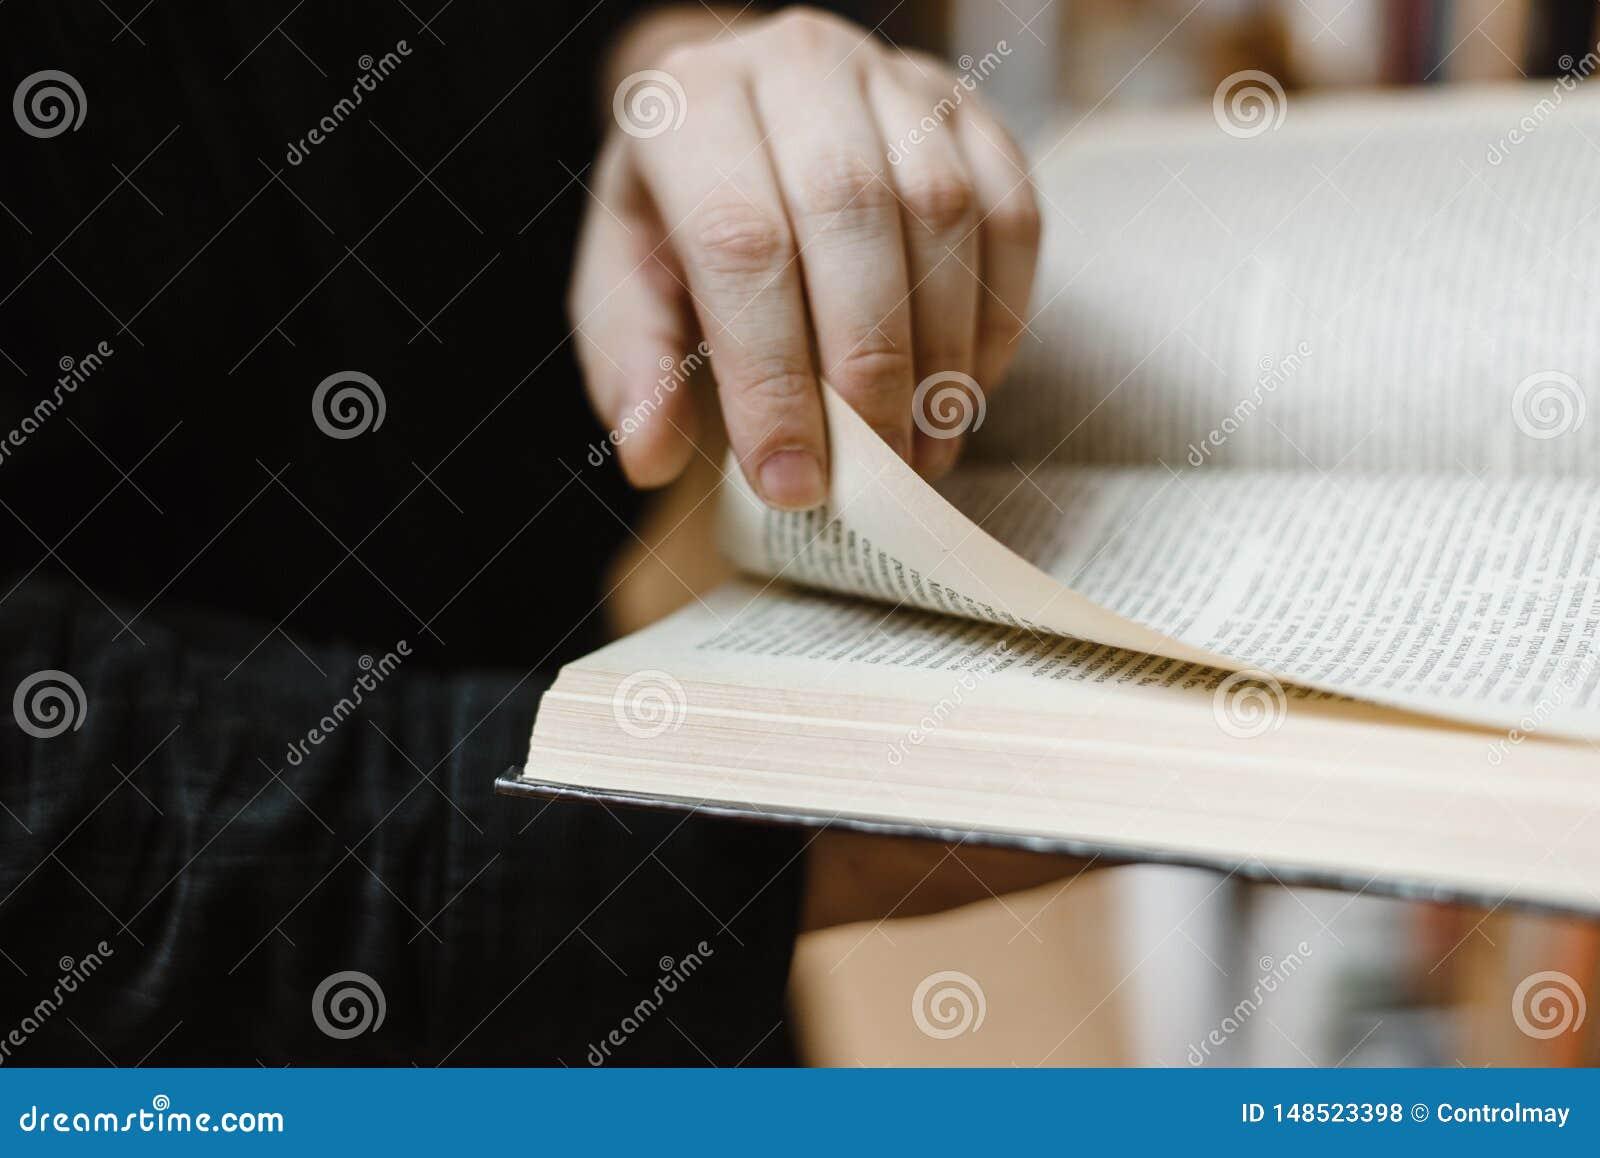 Het grote boek van dient dit boek in zal draaien de pagina aan het volgende hoofdstuk